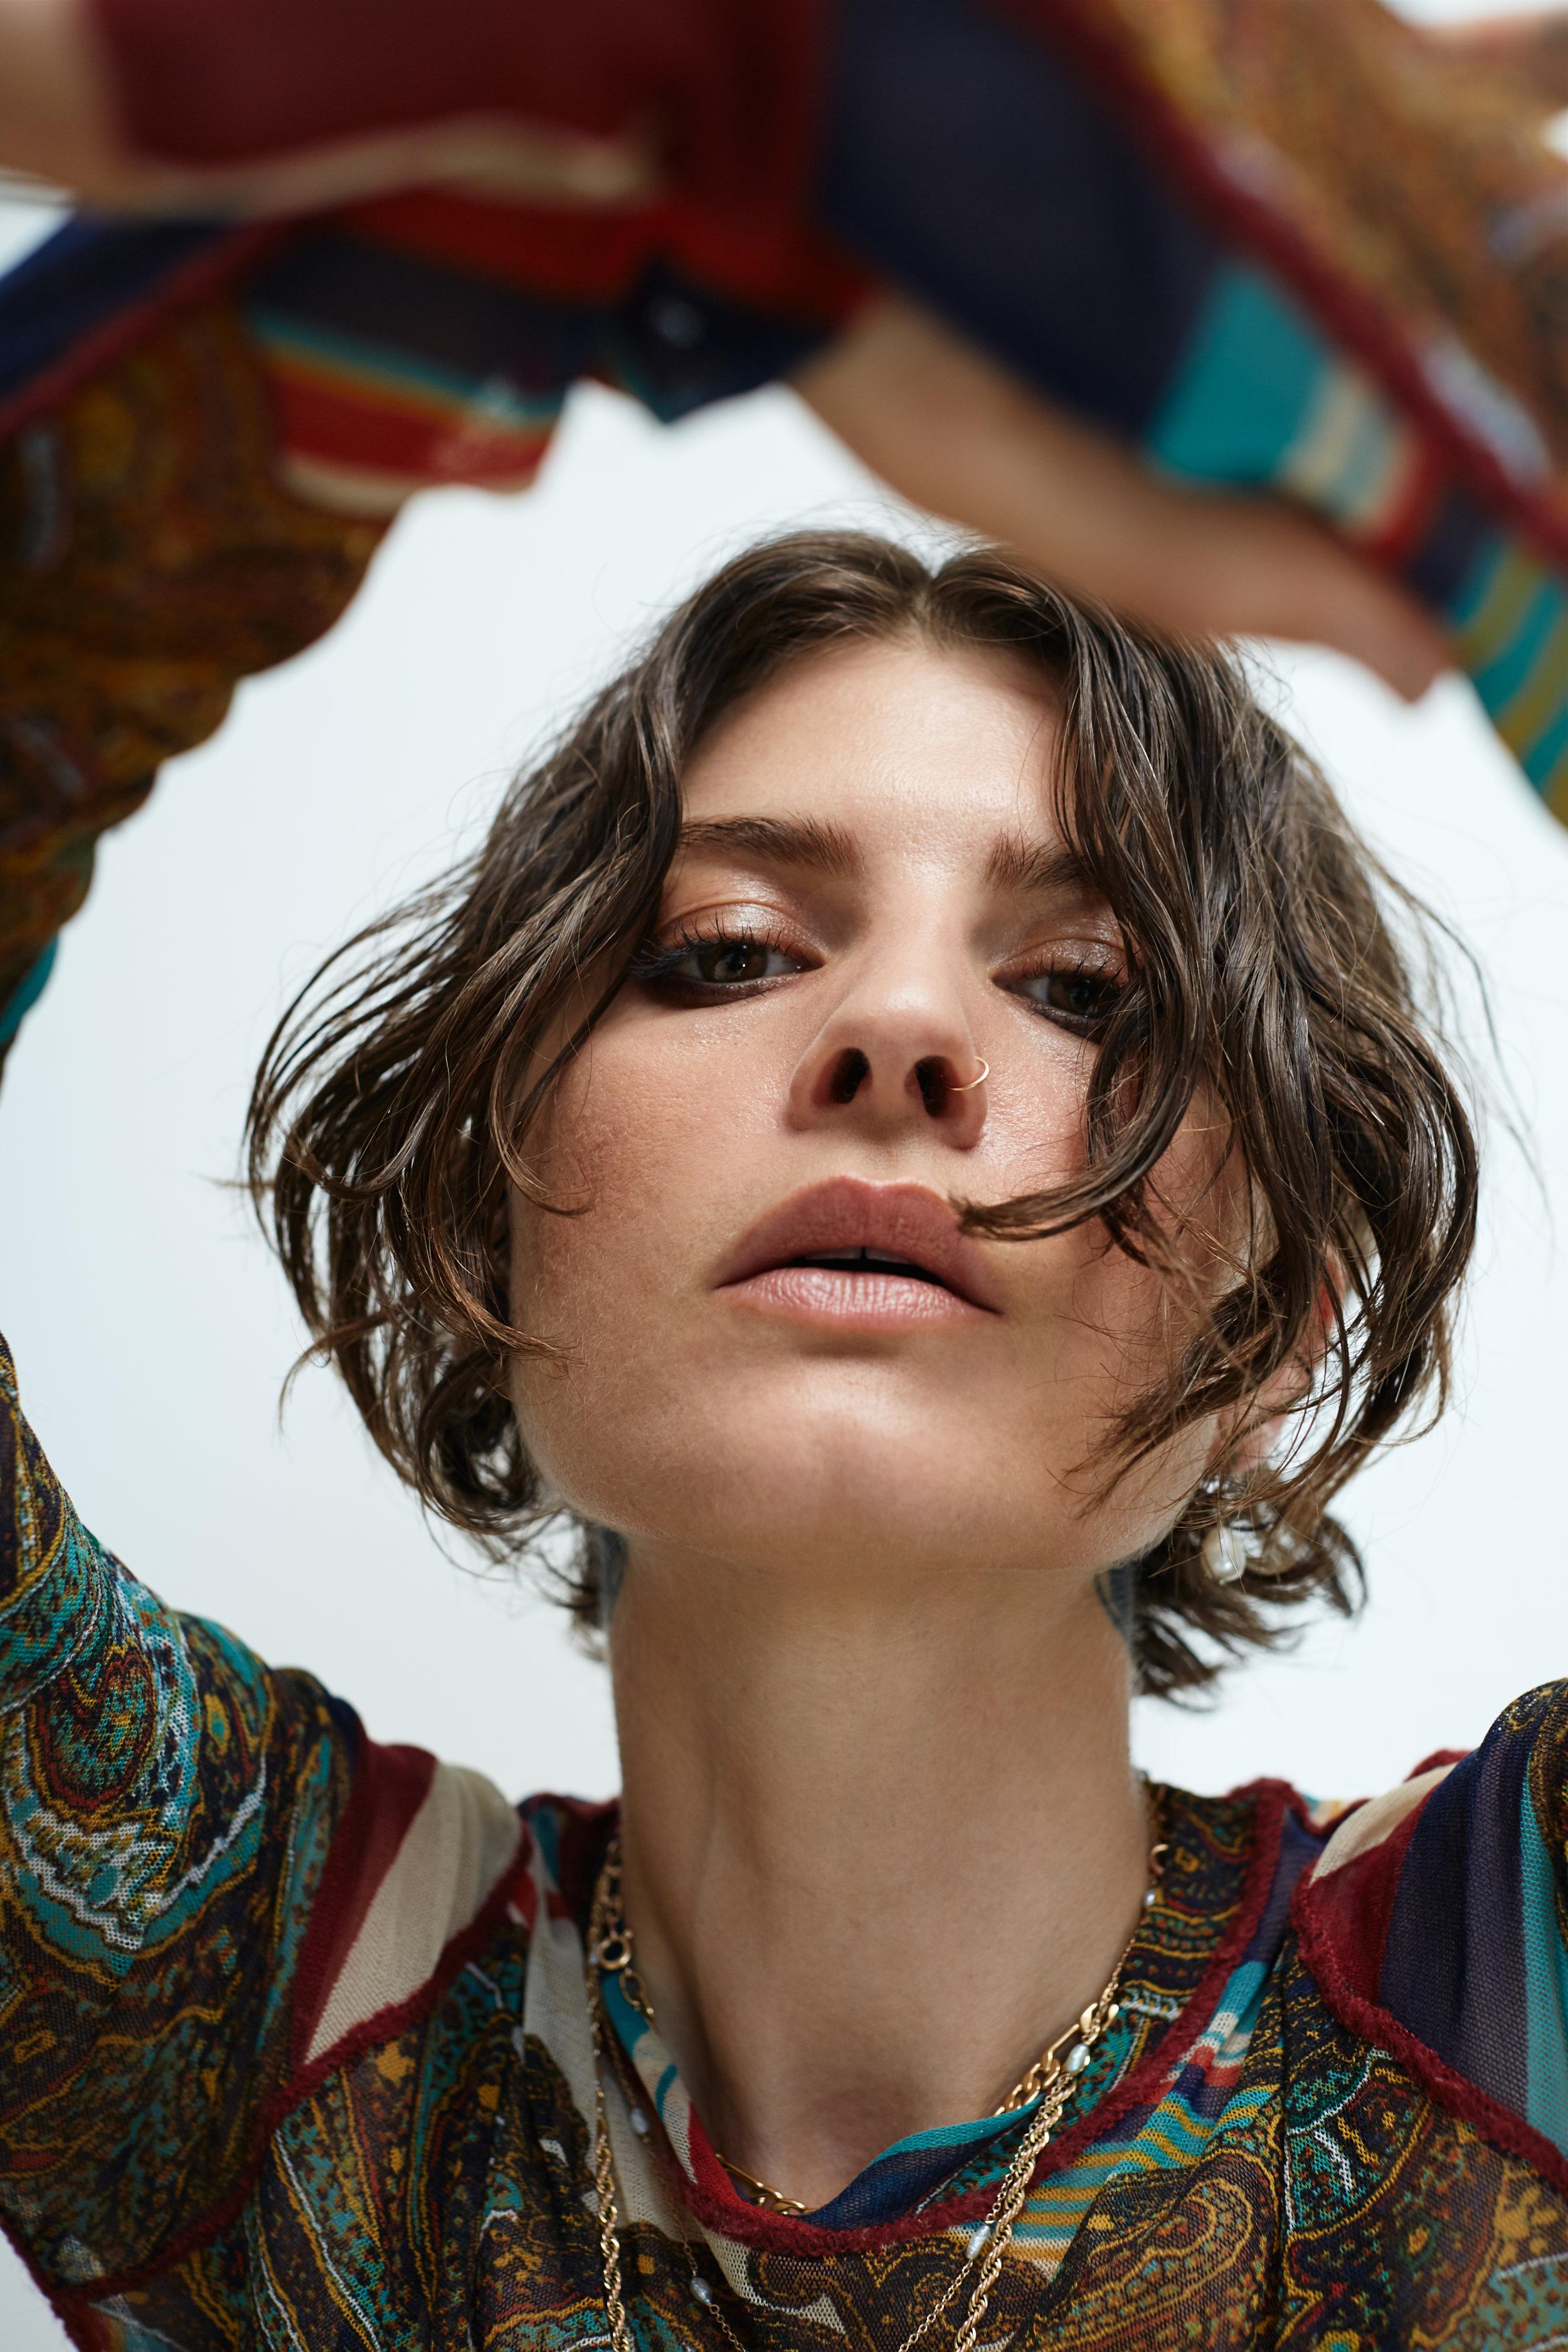 GloriaNoto-IsabellaBehravan-2-17.jpg